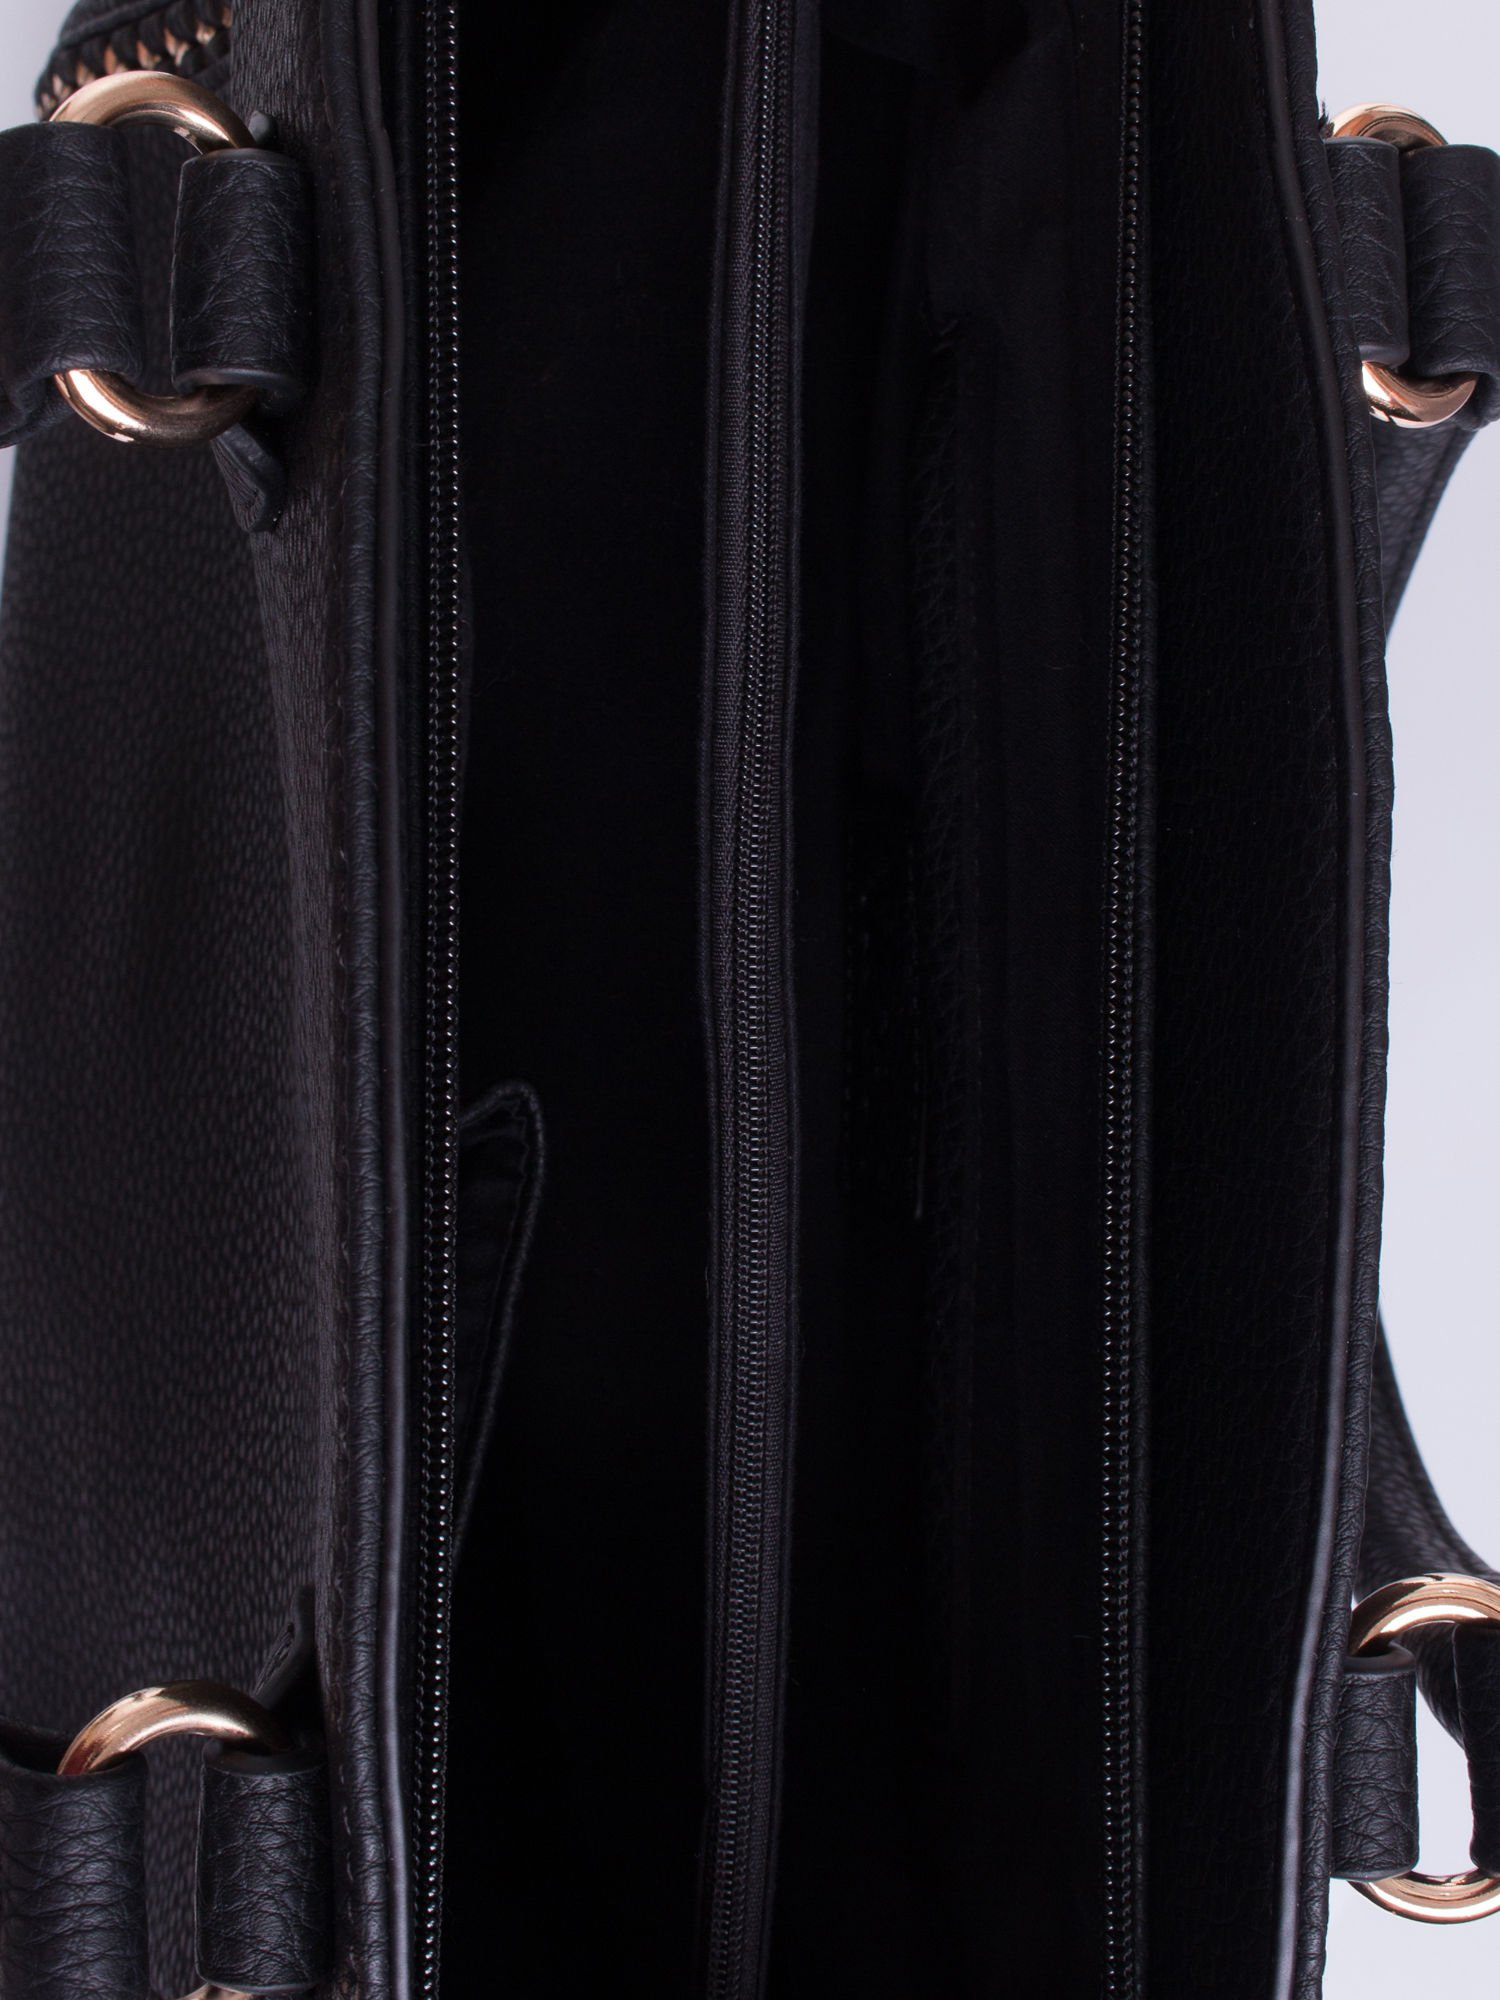 Czarna torba shopper bag ze złotymi wstawkami                                  zdj.                                  4